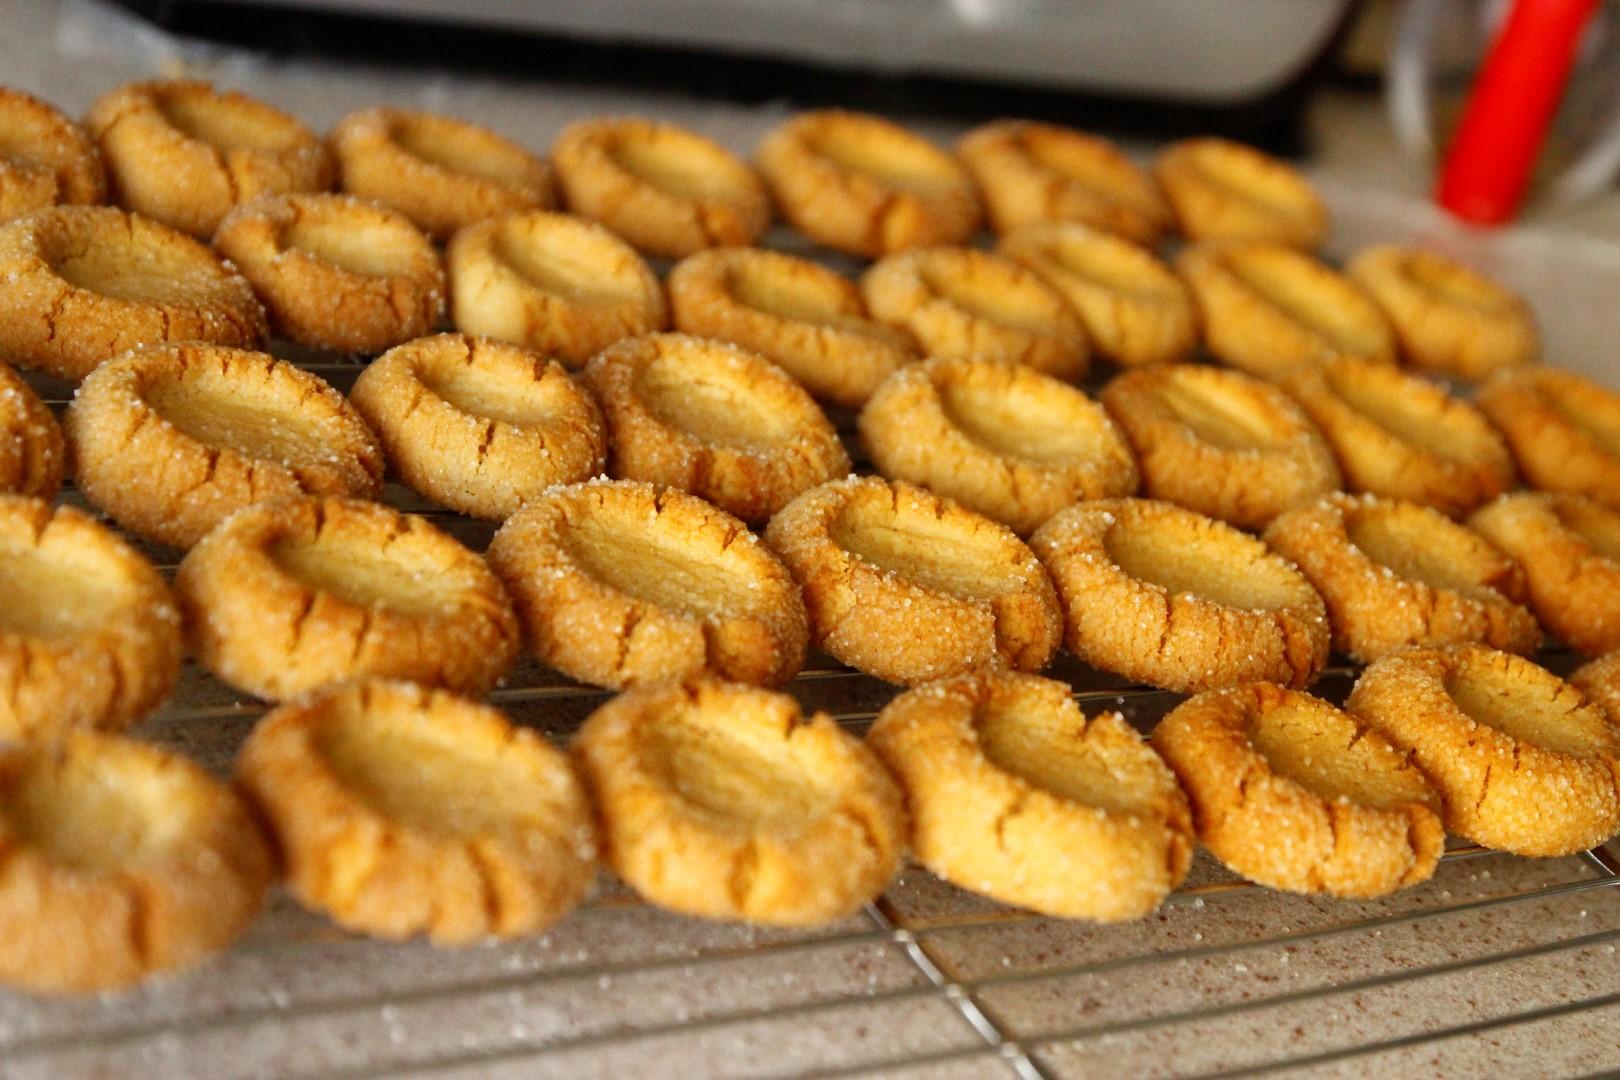 Arnavut kurabiyesi malzemeleri ile Etiketlenen Konular 59